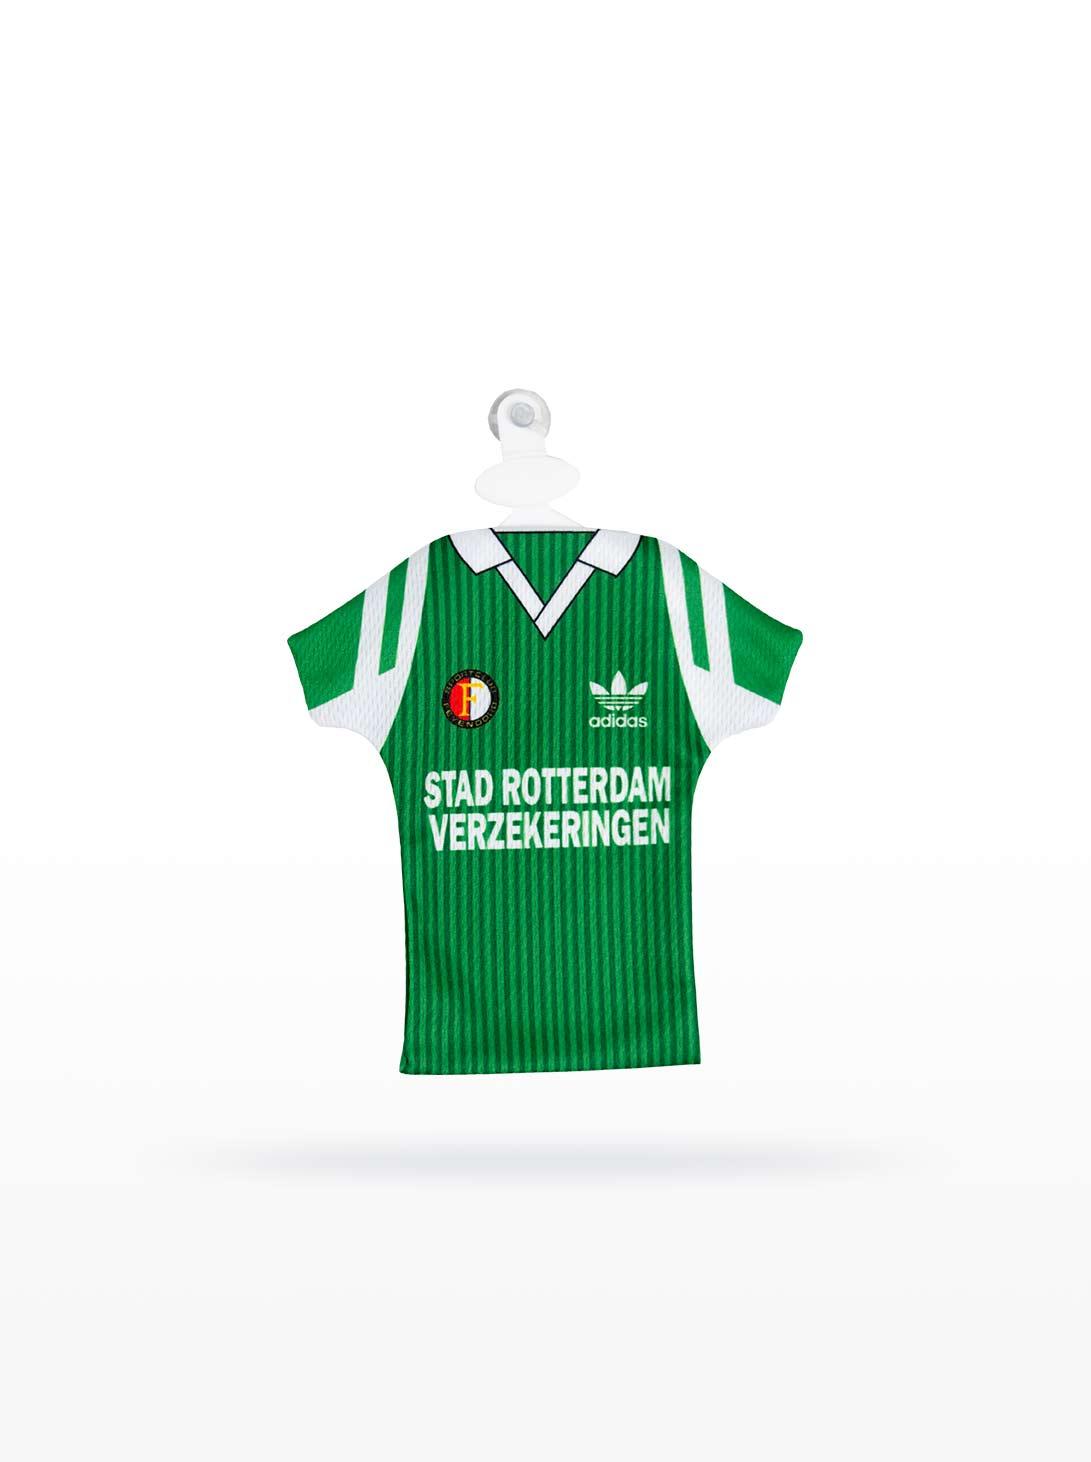 Feyenoord Minidress 1991-1992 - Eerste Stad Rotterdam Verzekeringen uitshirt